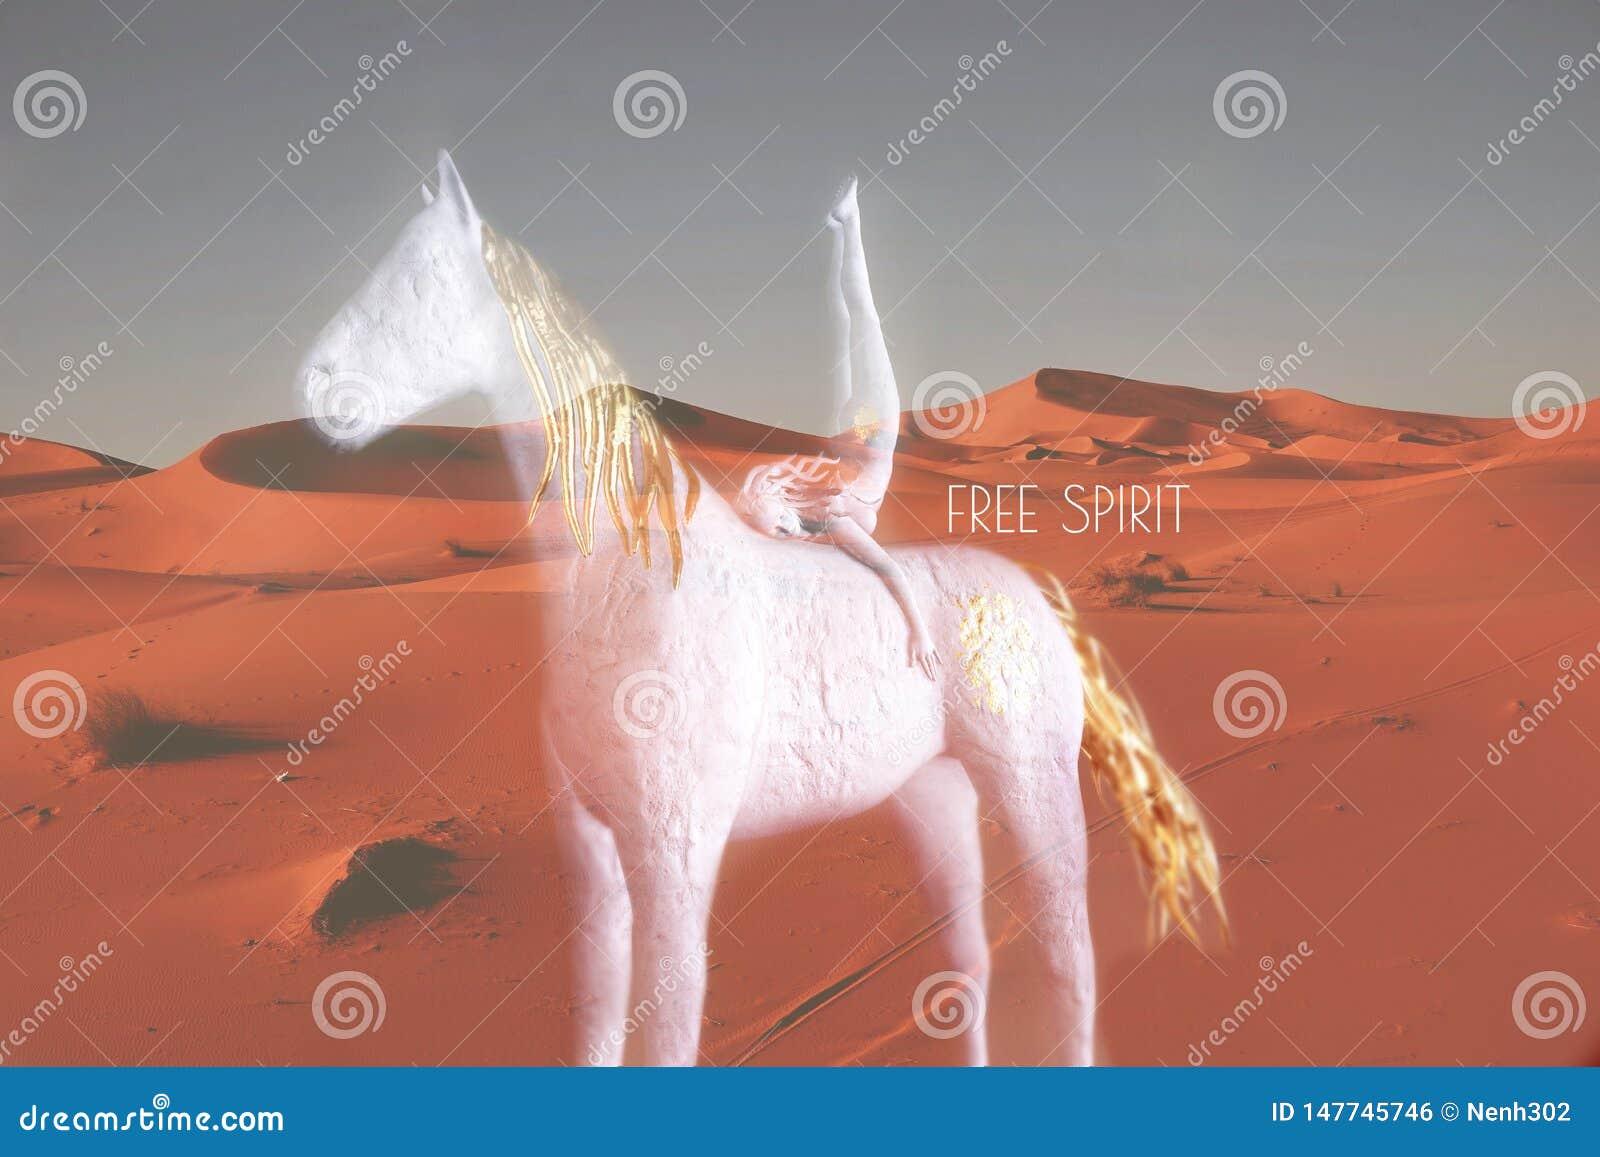 Spirit Horse Stock Illustrations 526 Spirit Horse Stock Illustrations Vectors Clipart Dreamstime